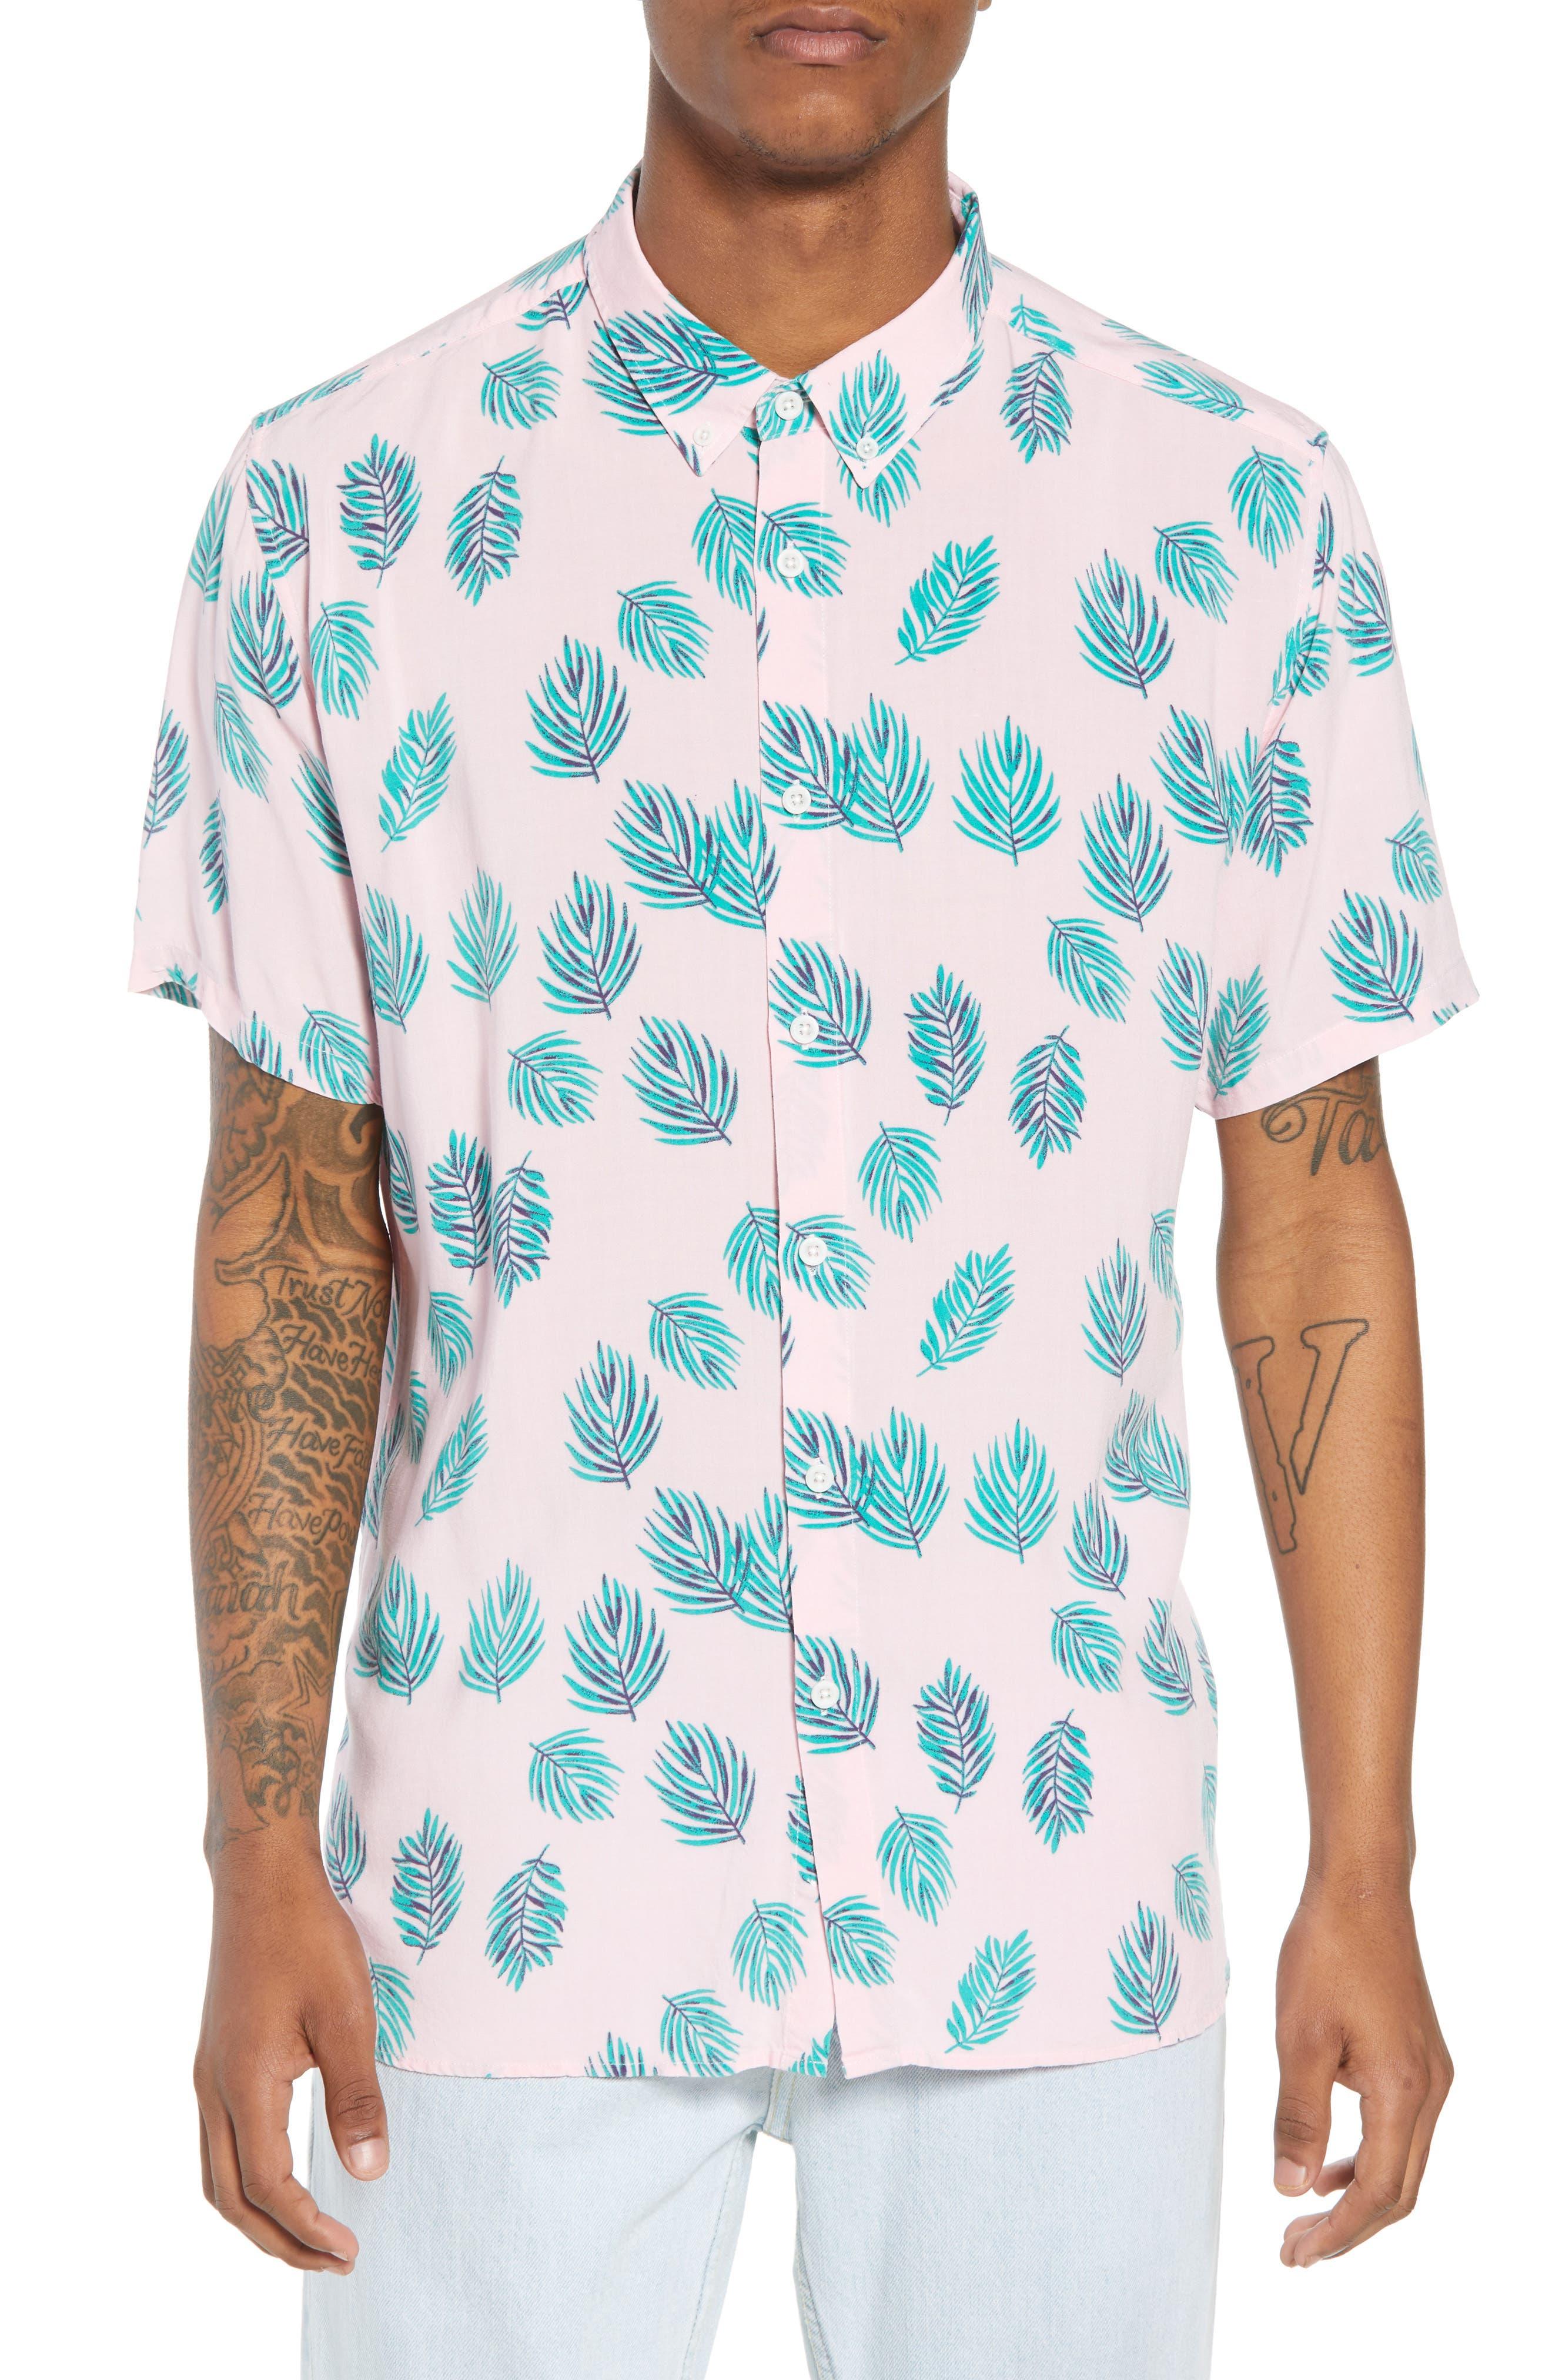 Holiday Woven Shirt,                             Main thumbnail 1, color,                             681